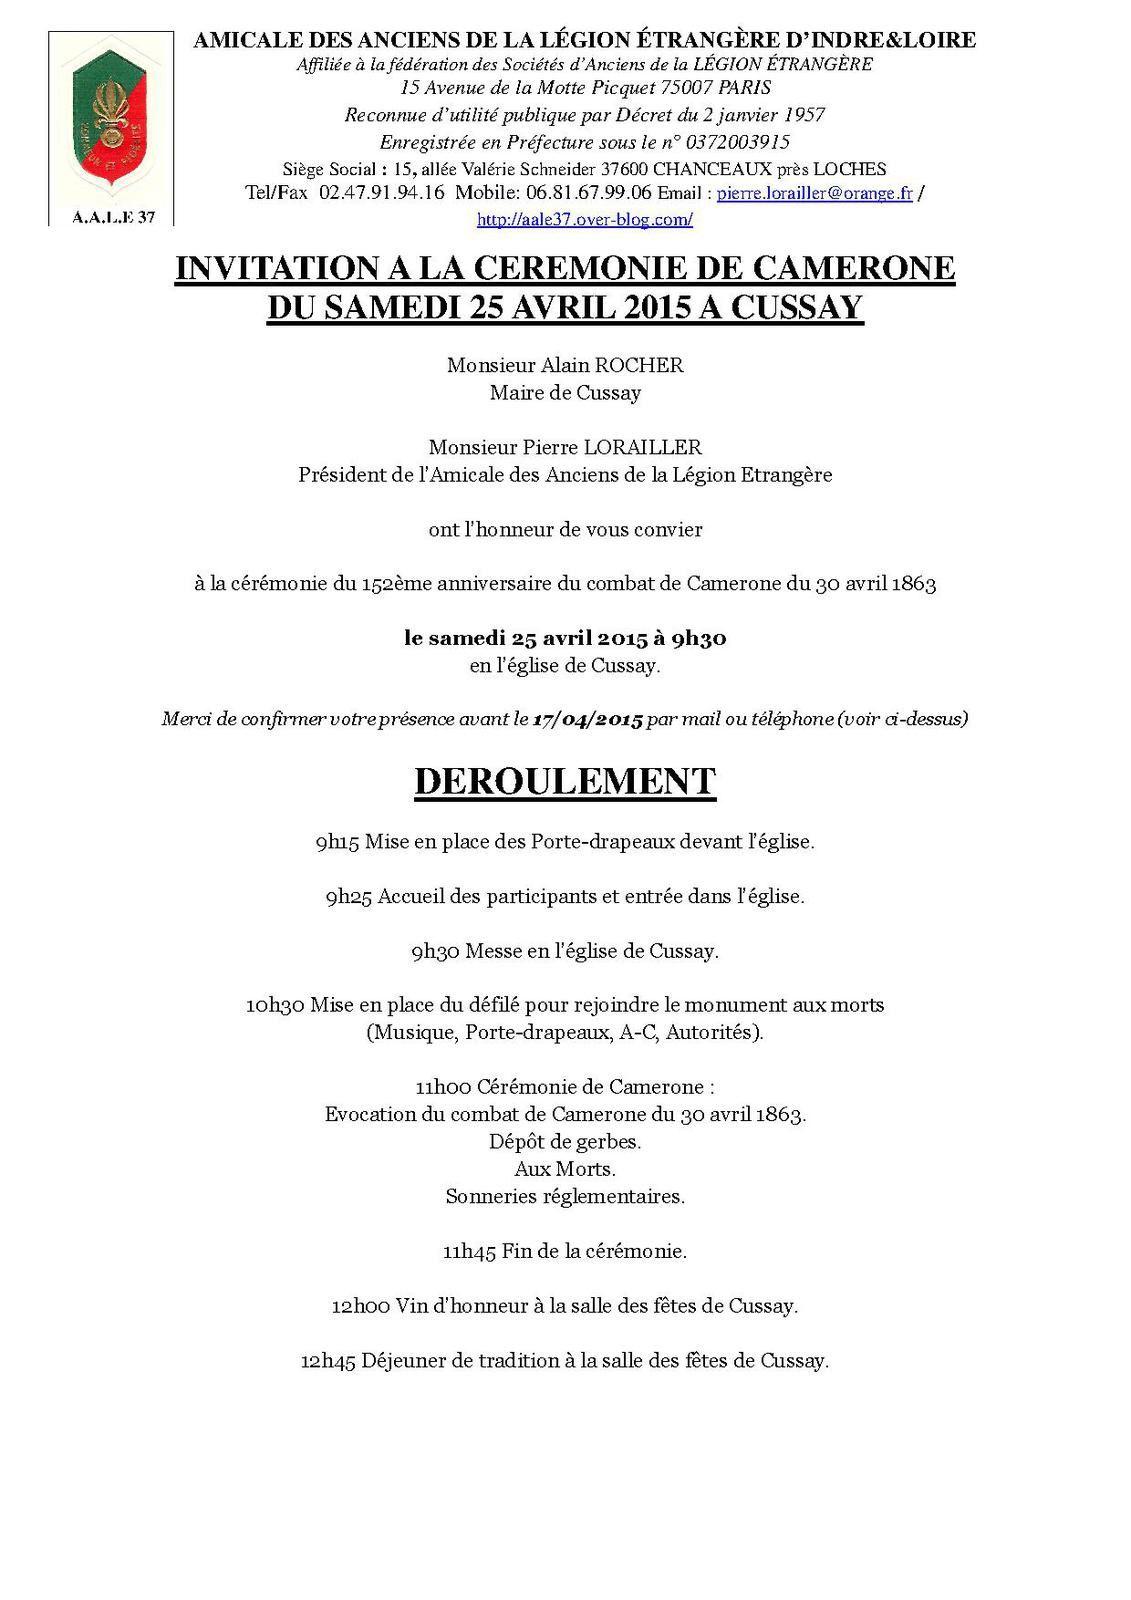 Invitation à la cérémonie de Camerone 2015 à Cussay